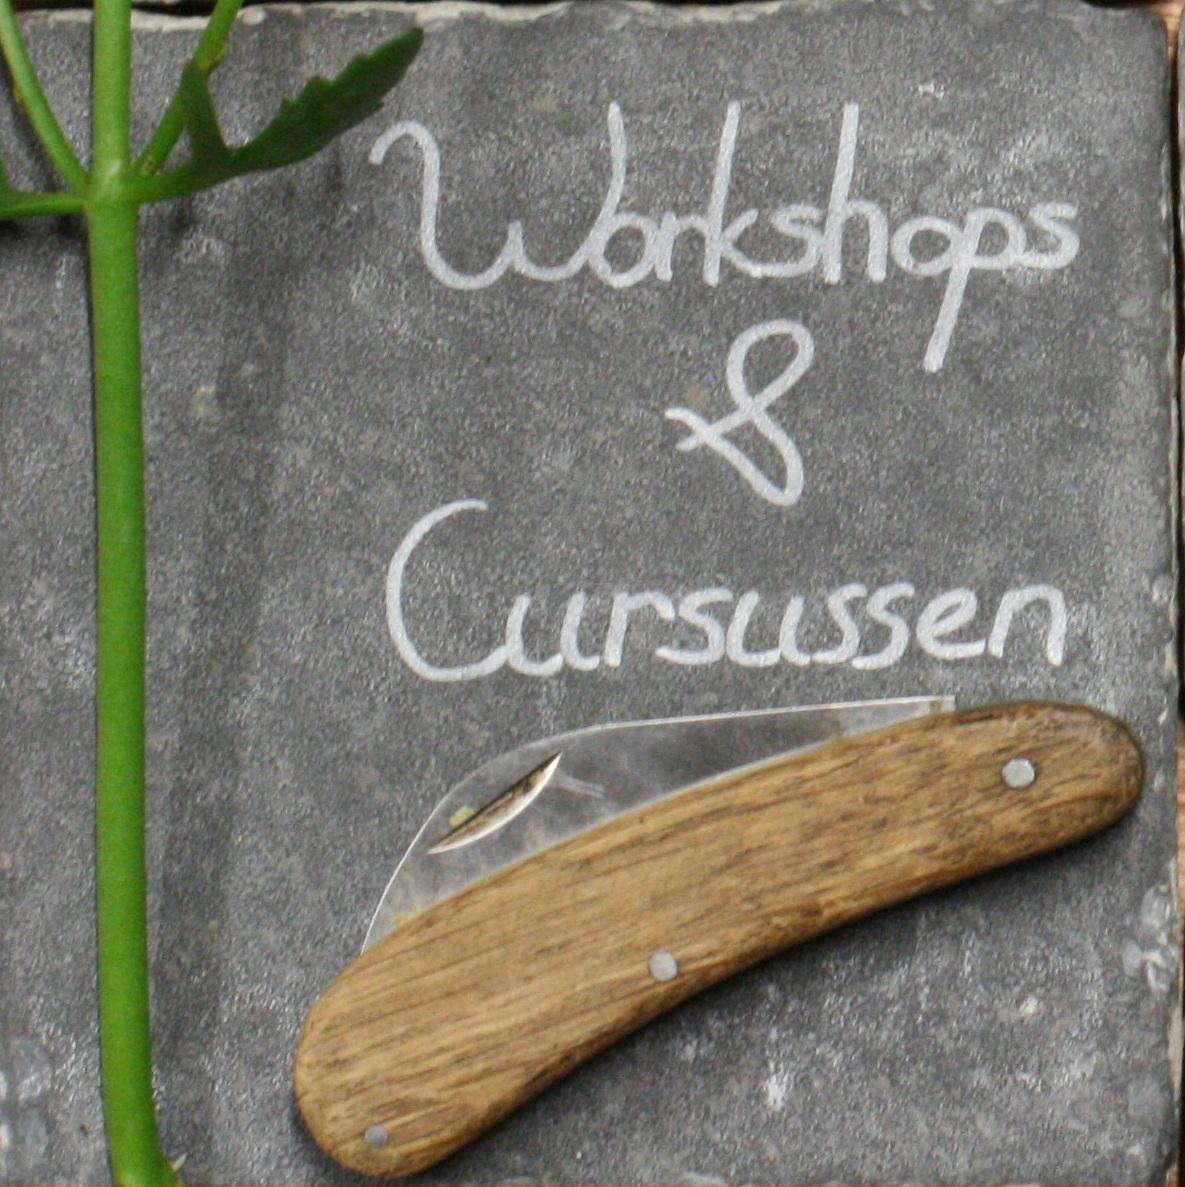 Workshops & Cursussen